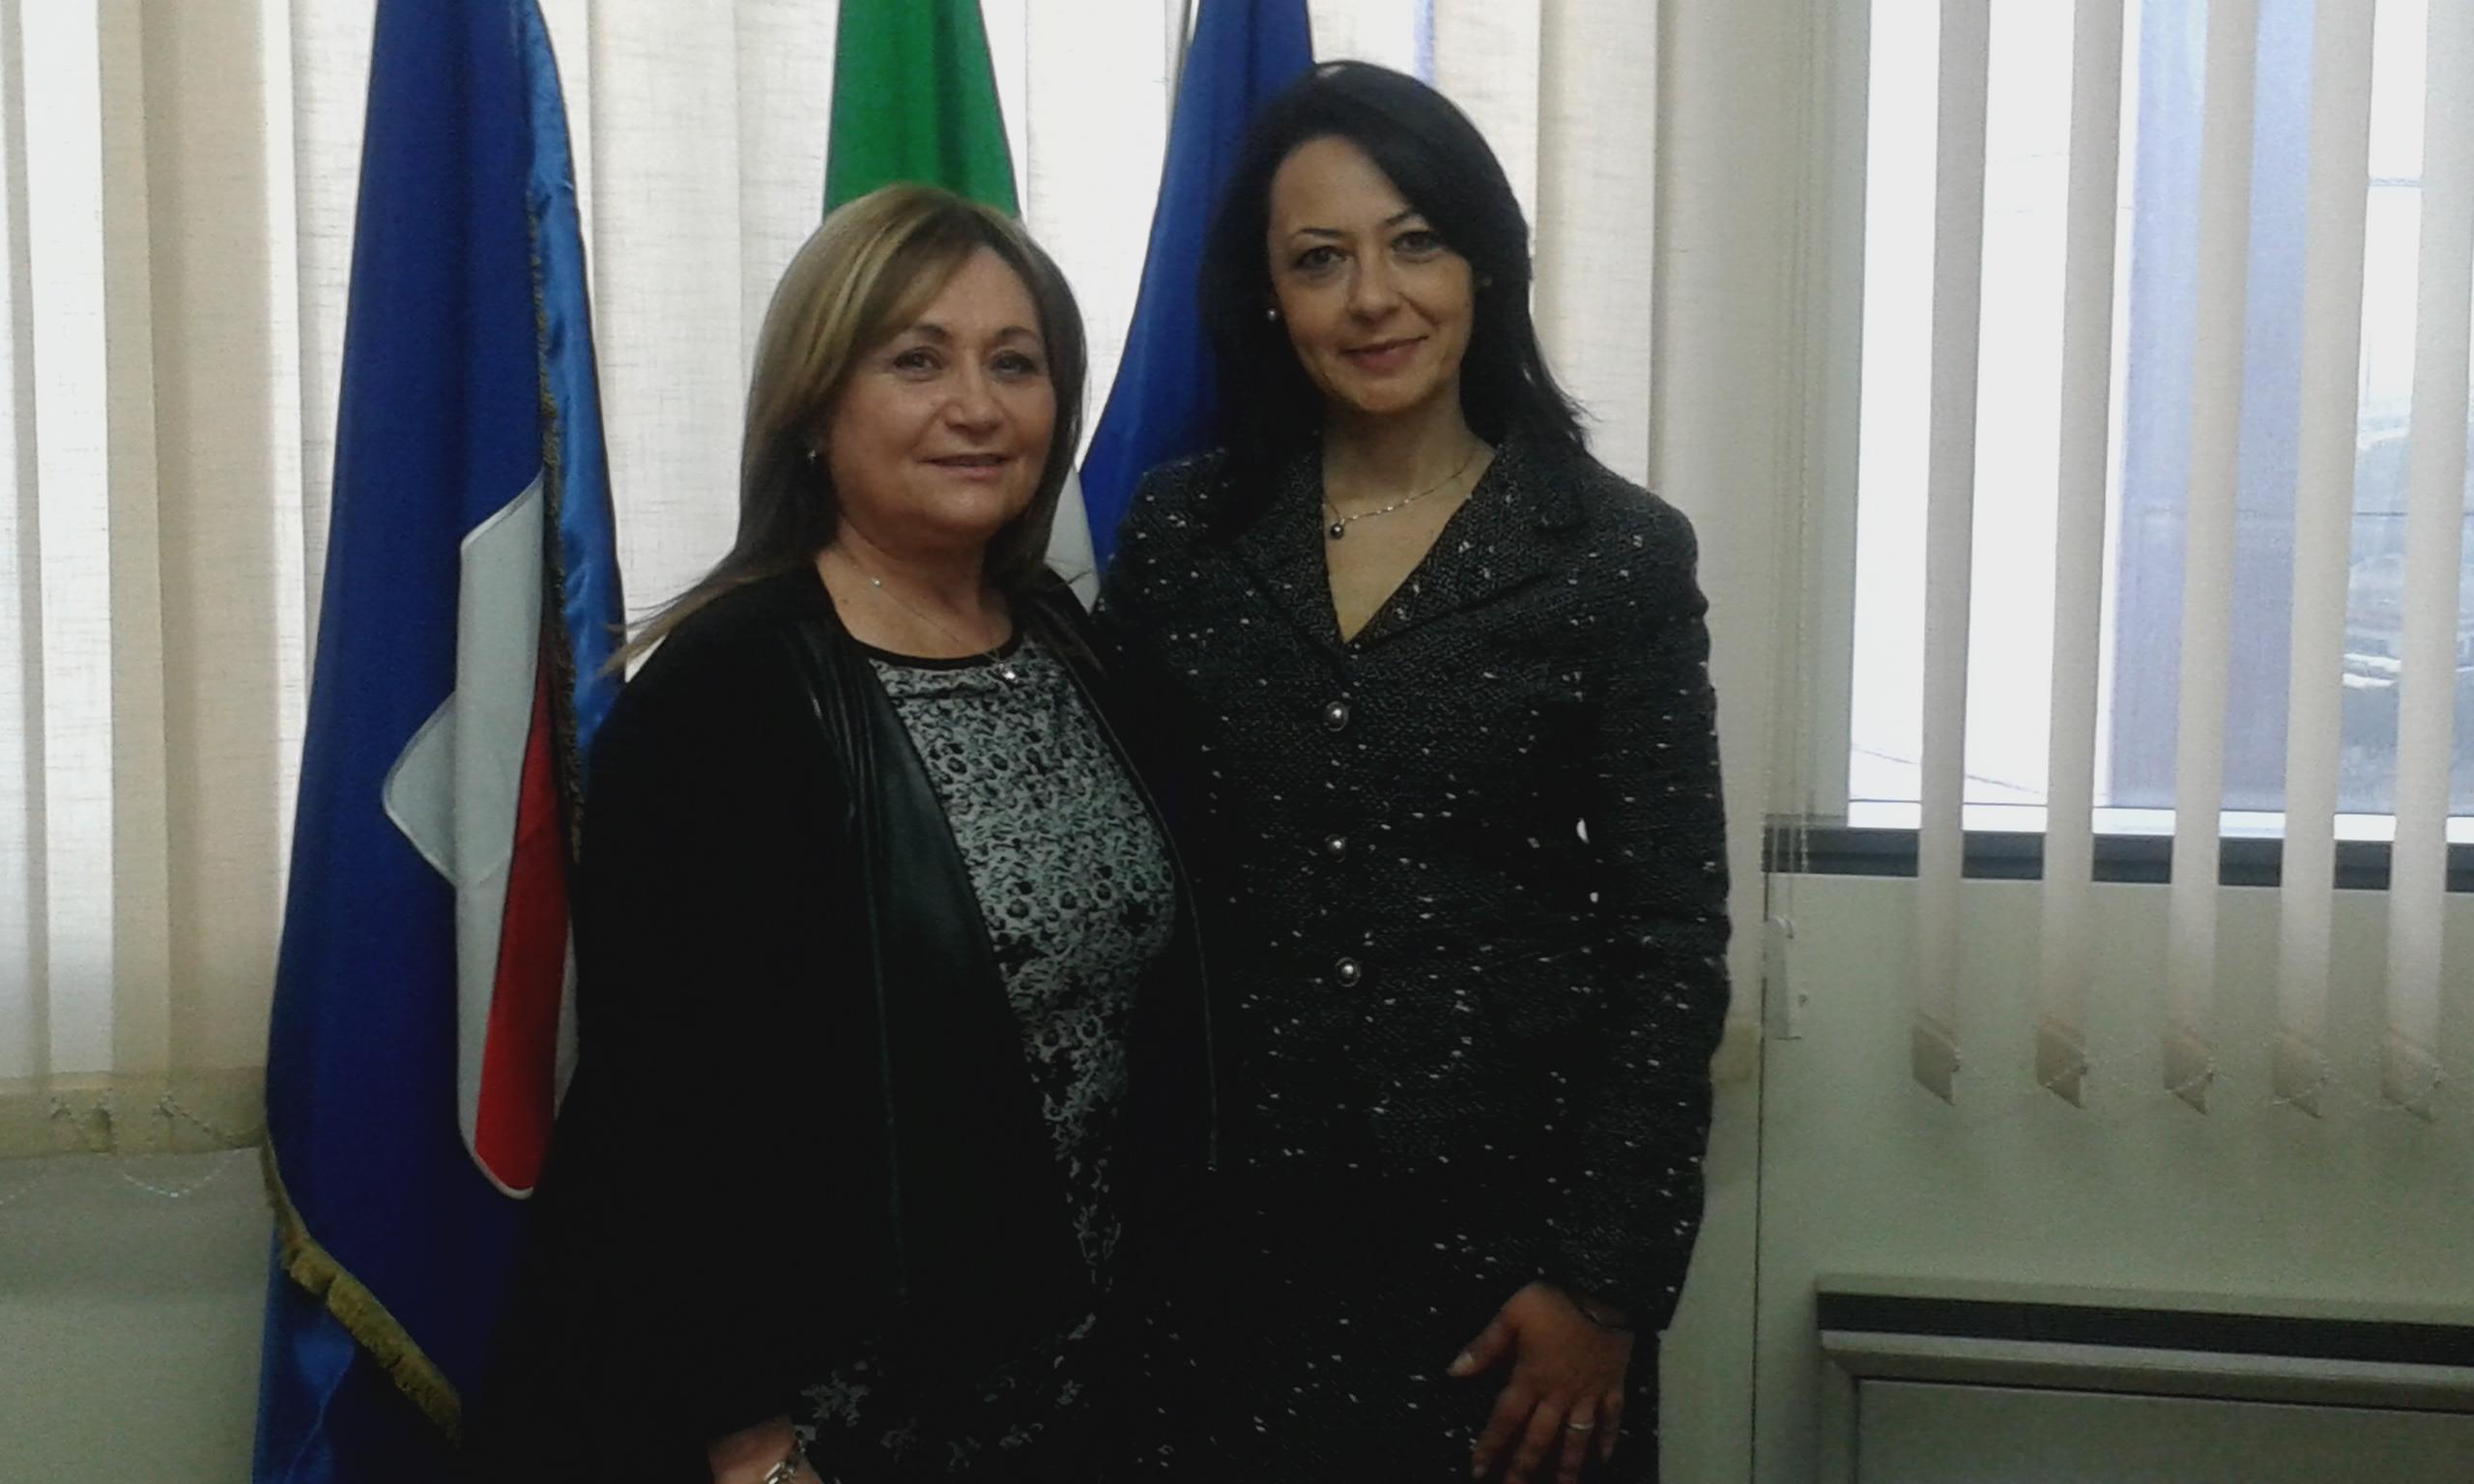 L'assessore al lavoro della Regione Campania, Sonia Palmeri, e la presidente ANCL–SU Regione Campania, Anna Maria Granata